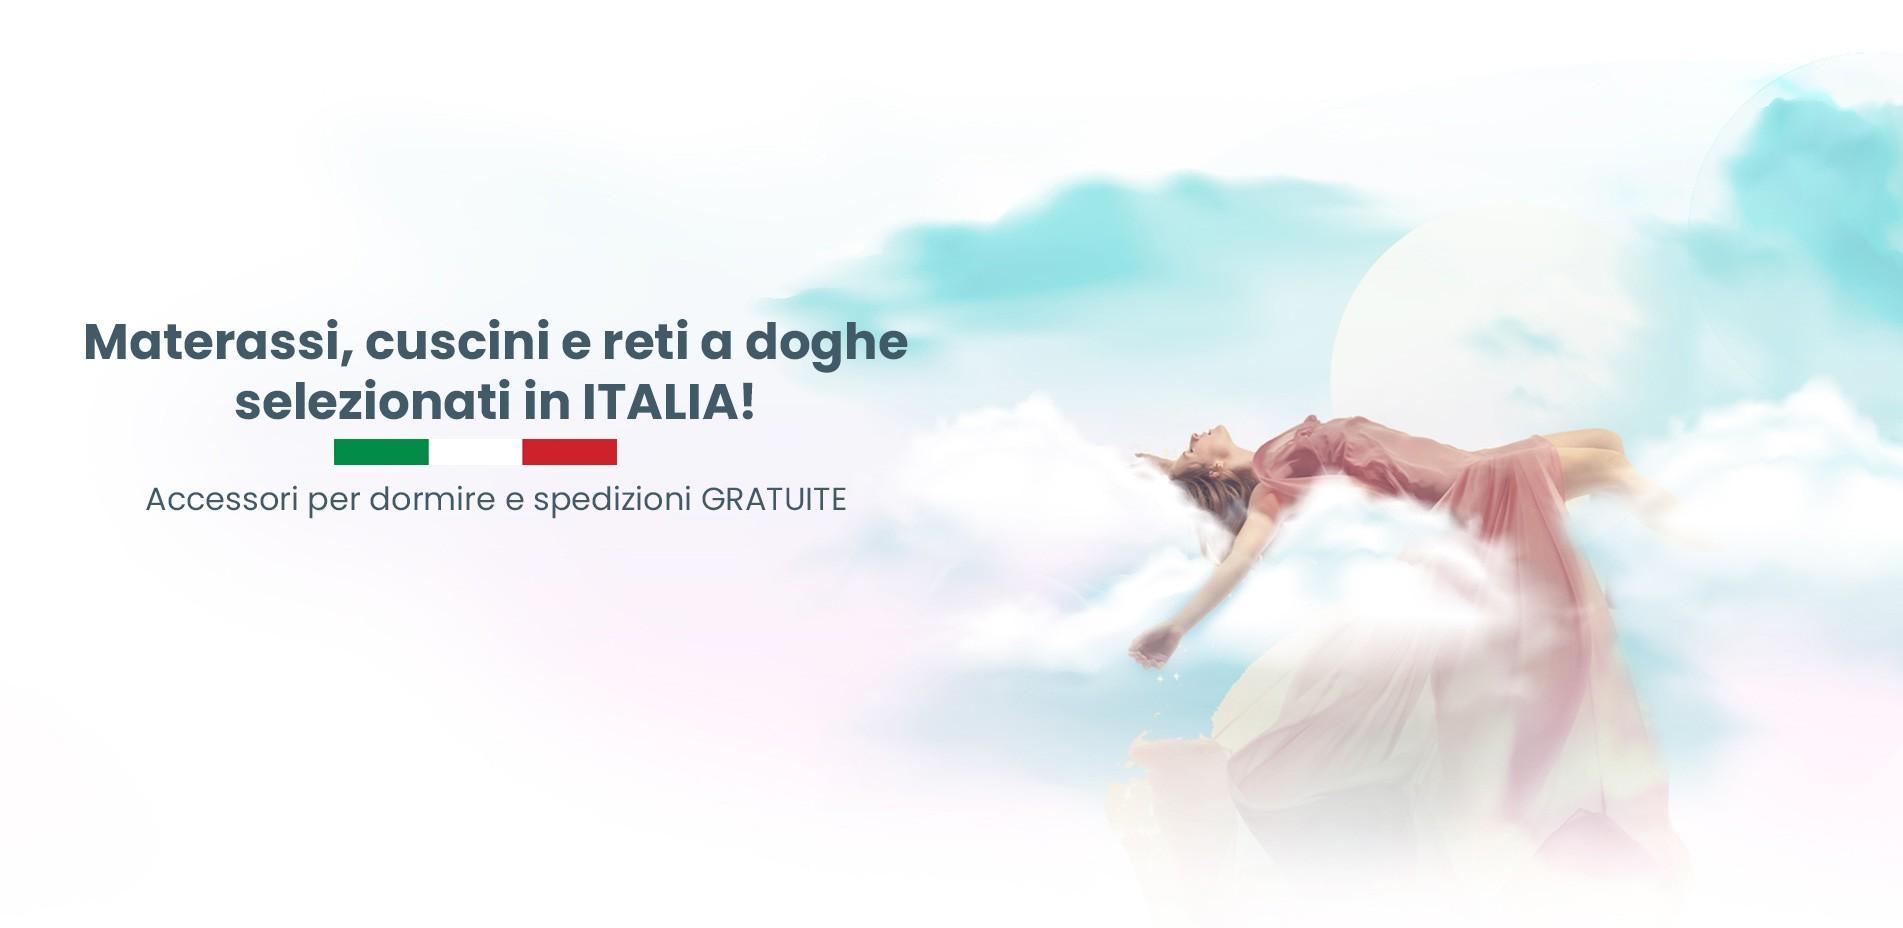 Materassi e reti a doghe selezionati in Italia.